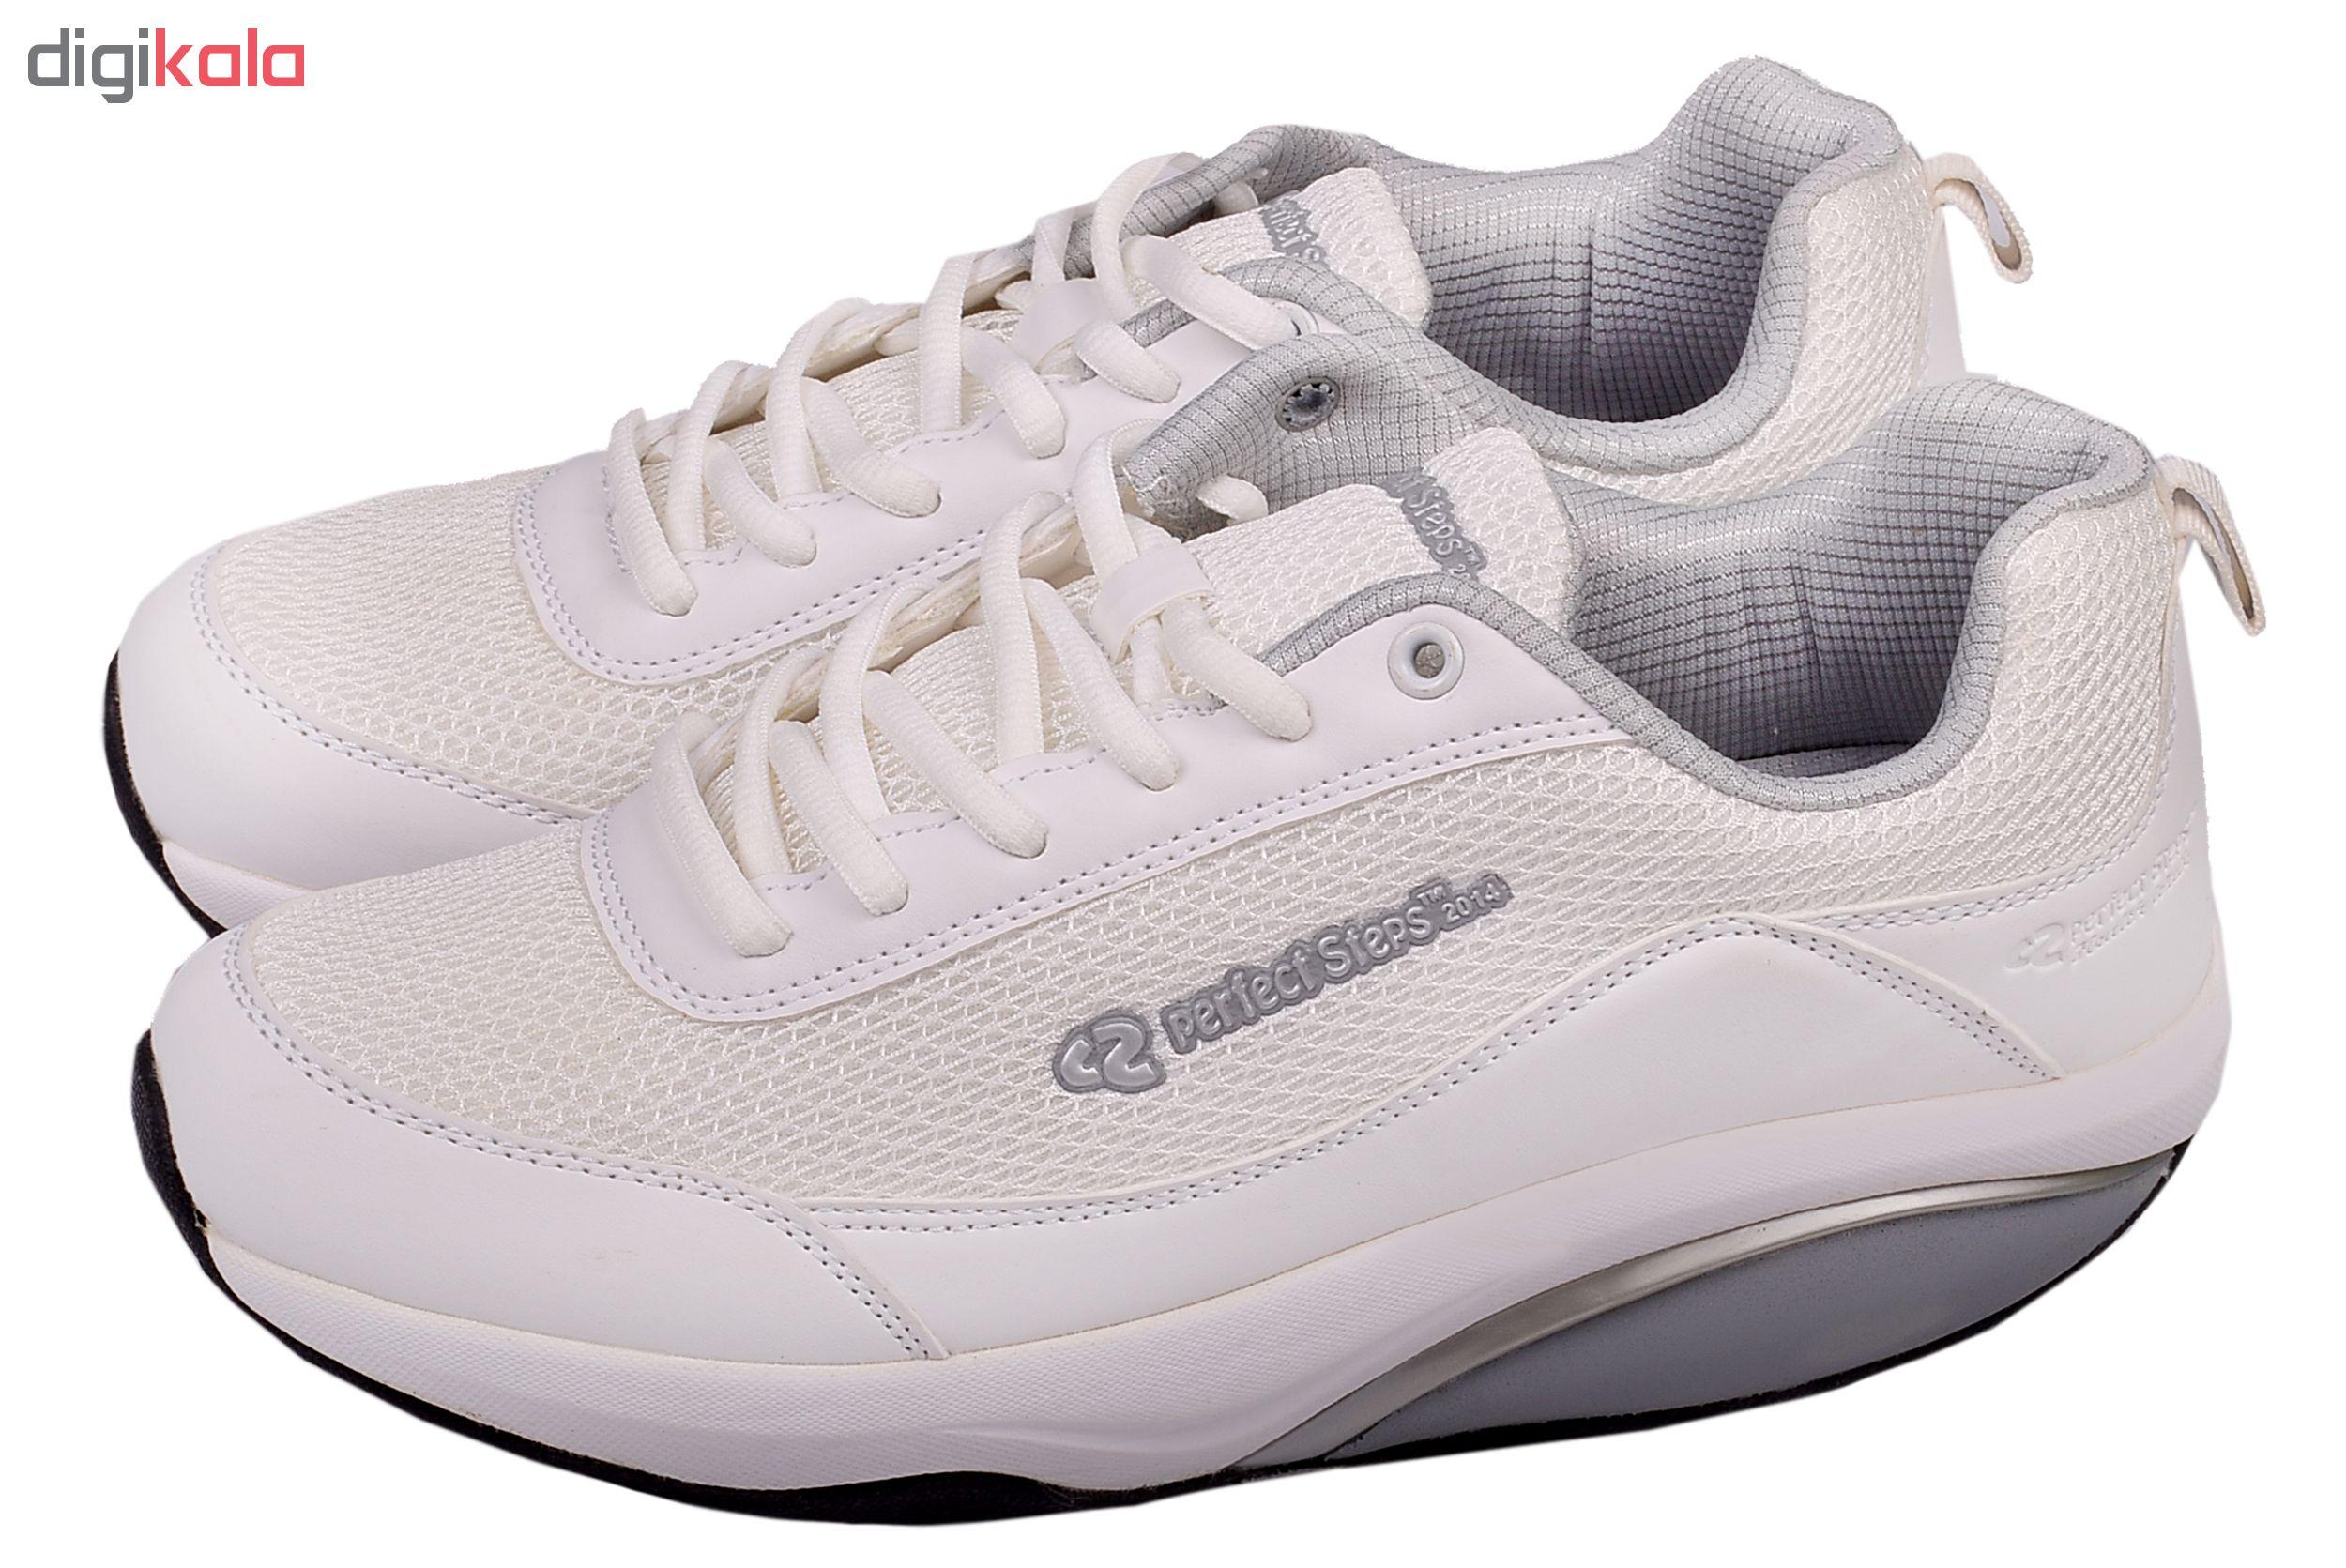 کفش مخصوص پیاده روی مردانه پرفکت استپس مدل آرمیس کد 1768 رنگ سفید